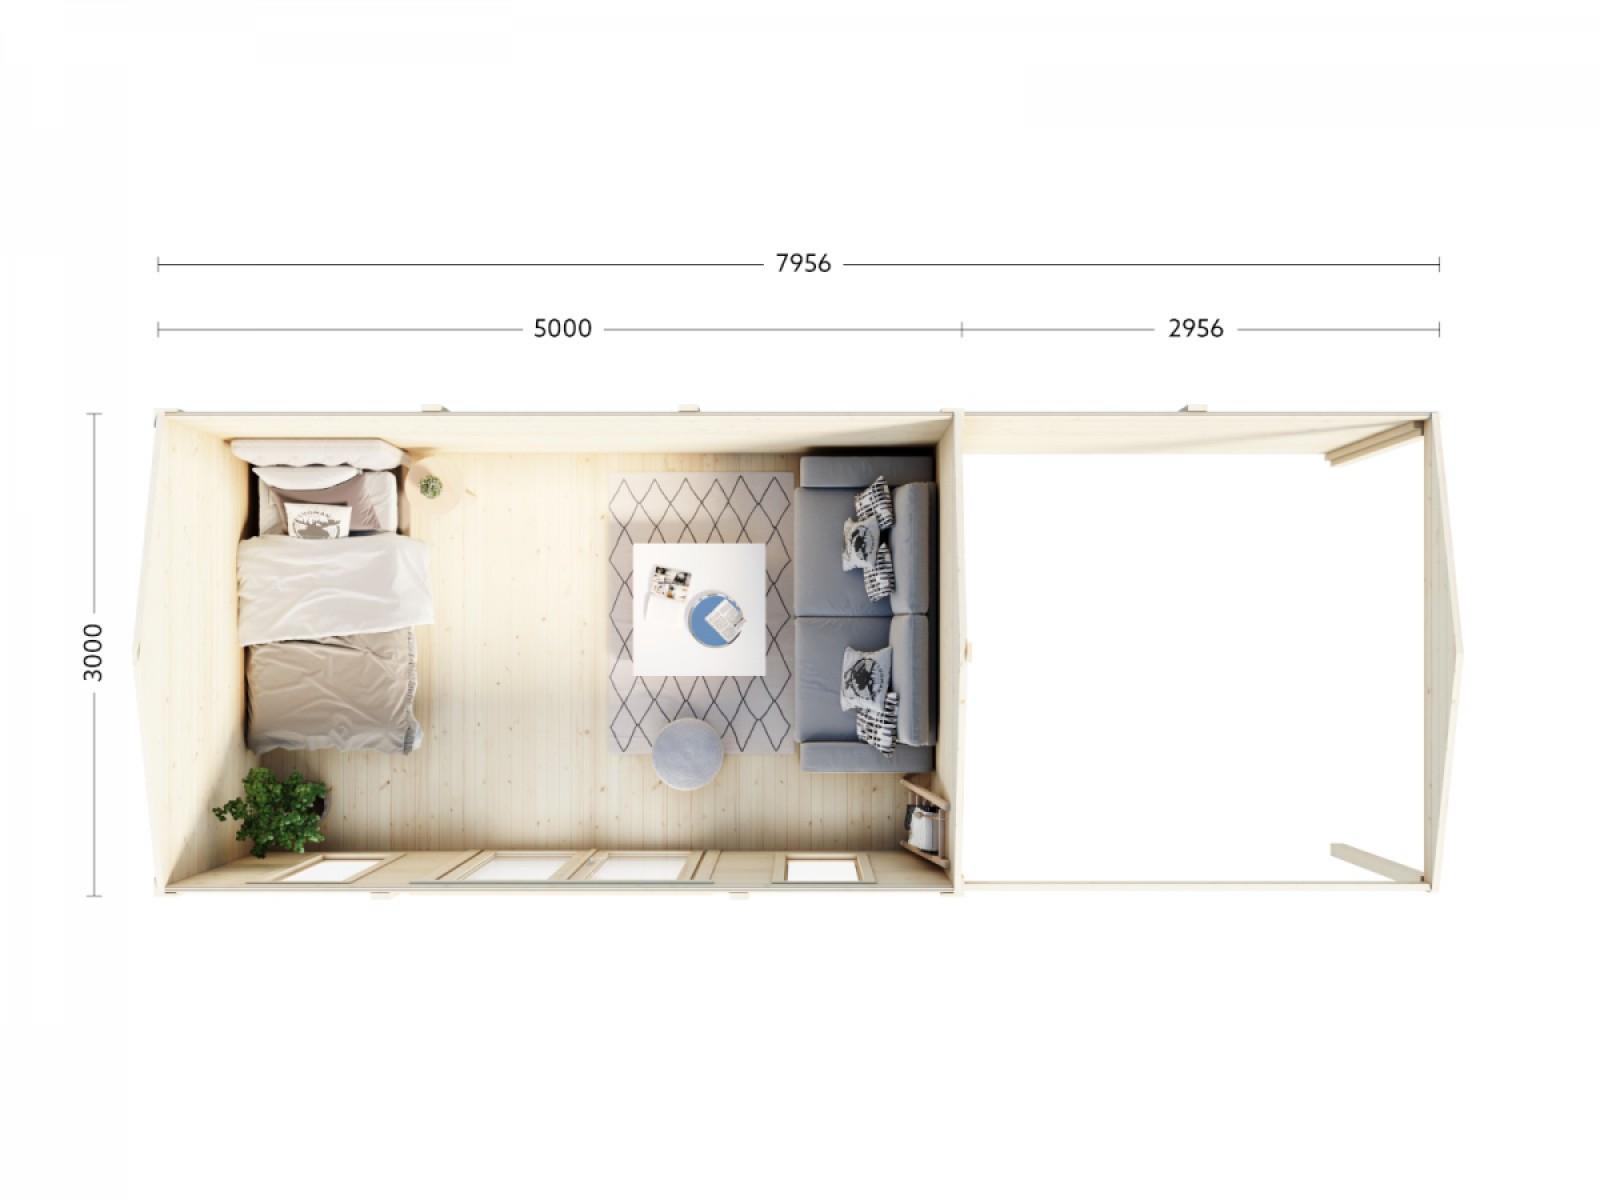 1625059964_Lillevilla 553C Floor Plan.jpg